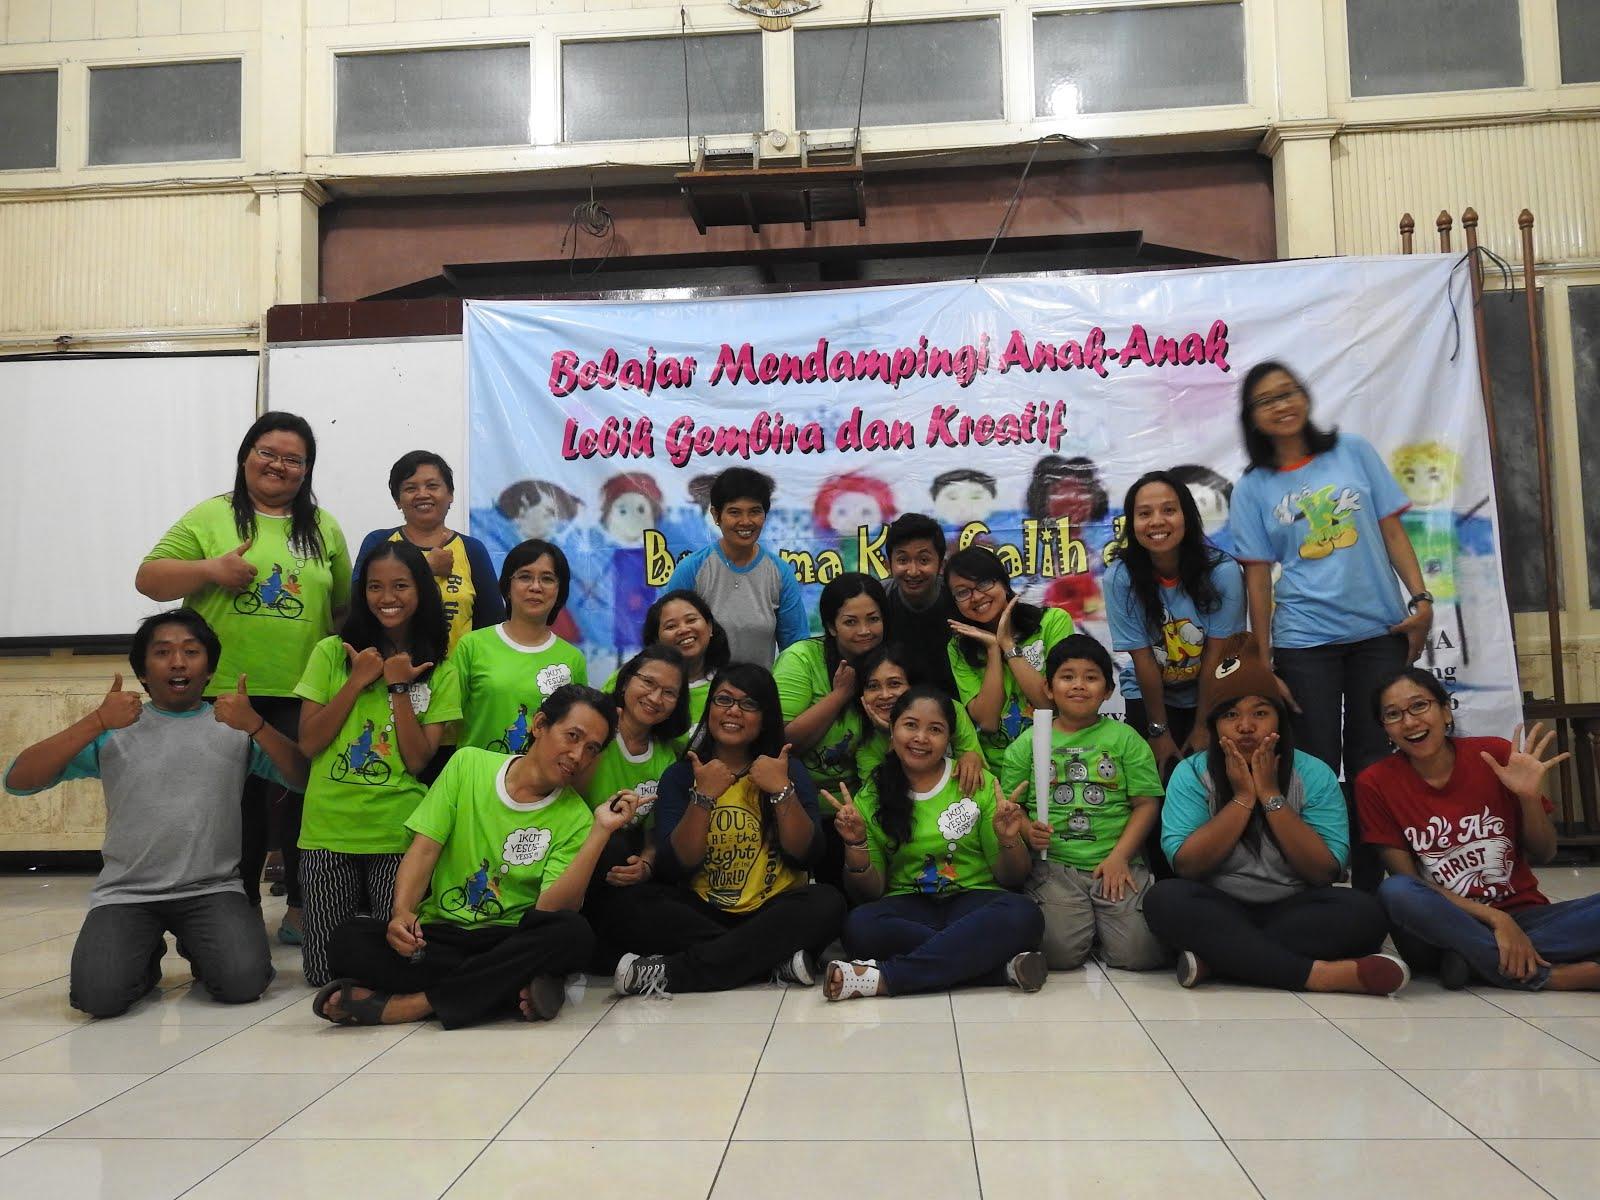 Bersama Pendamping PIA Katedral Semarang 15-16 Oktober 2016